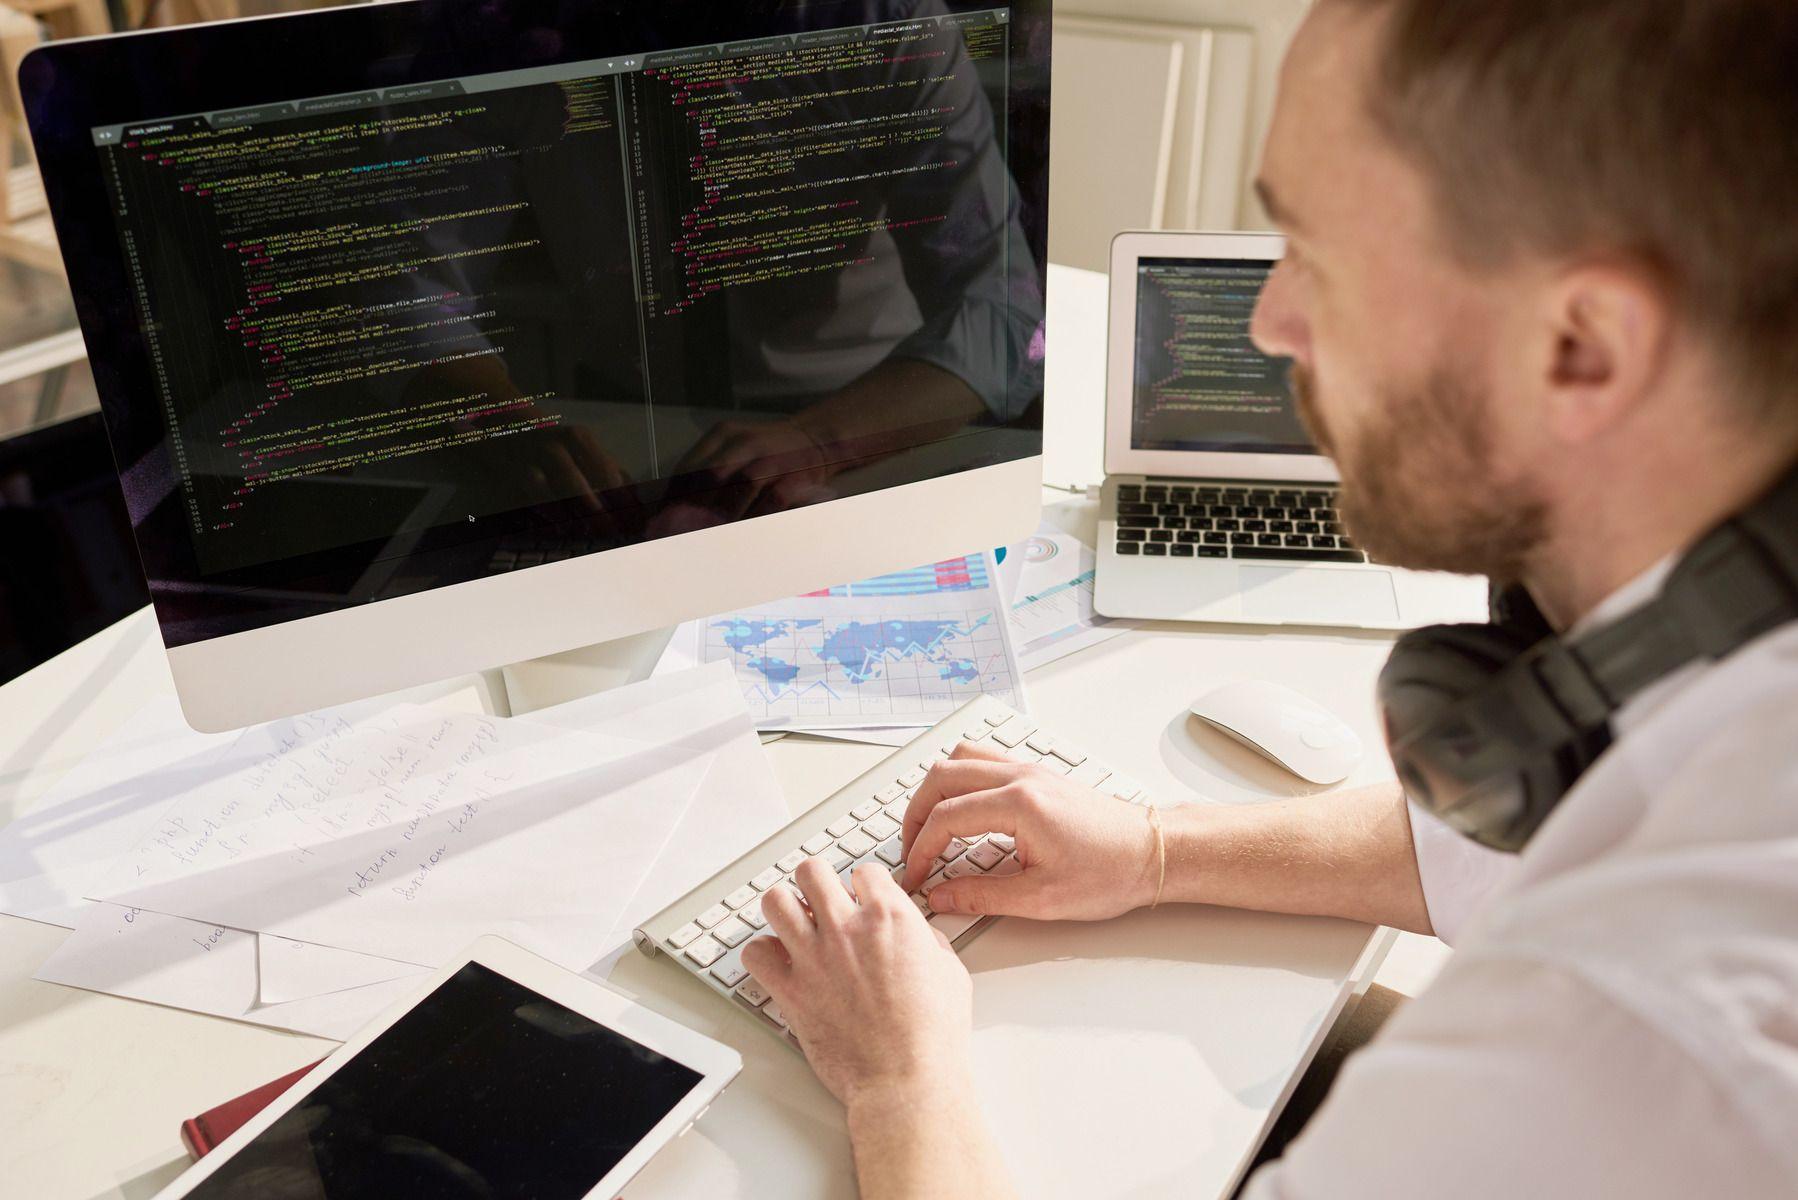 «Цифра» в тренде: у абитуриентов растет интерес к IT-профессиям, у работодателей – потребность в IT-специалистах